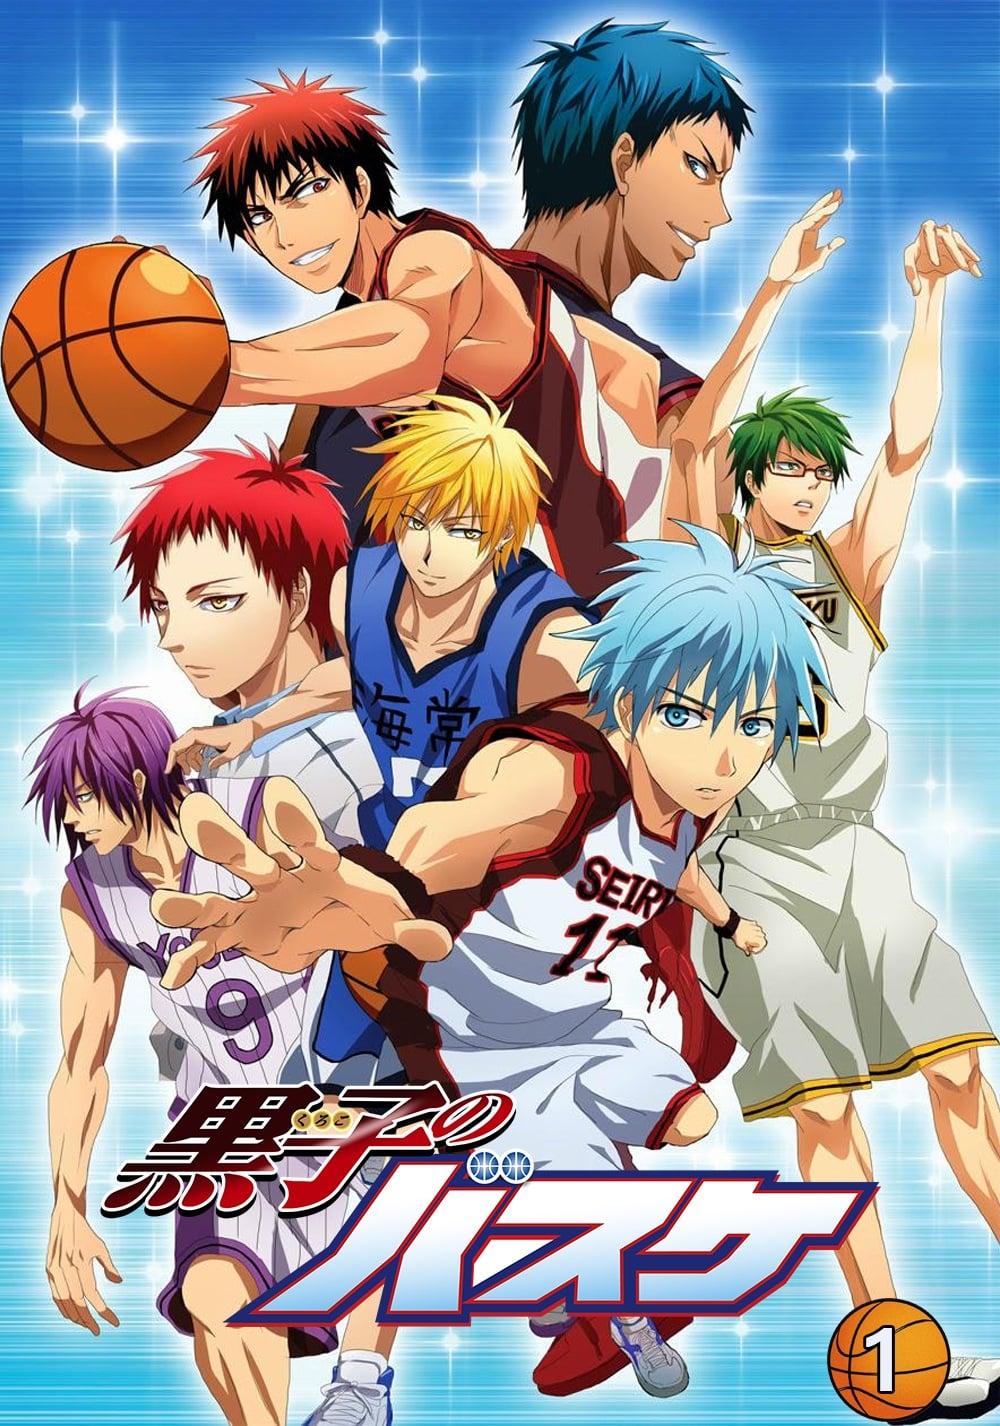 Nonton Anime Kuroko no Basket Sub Indo - Nonton Anime